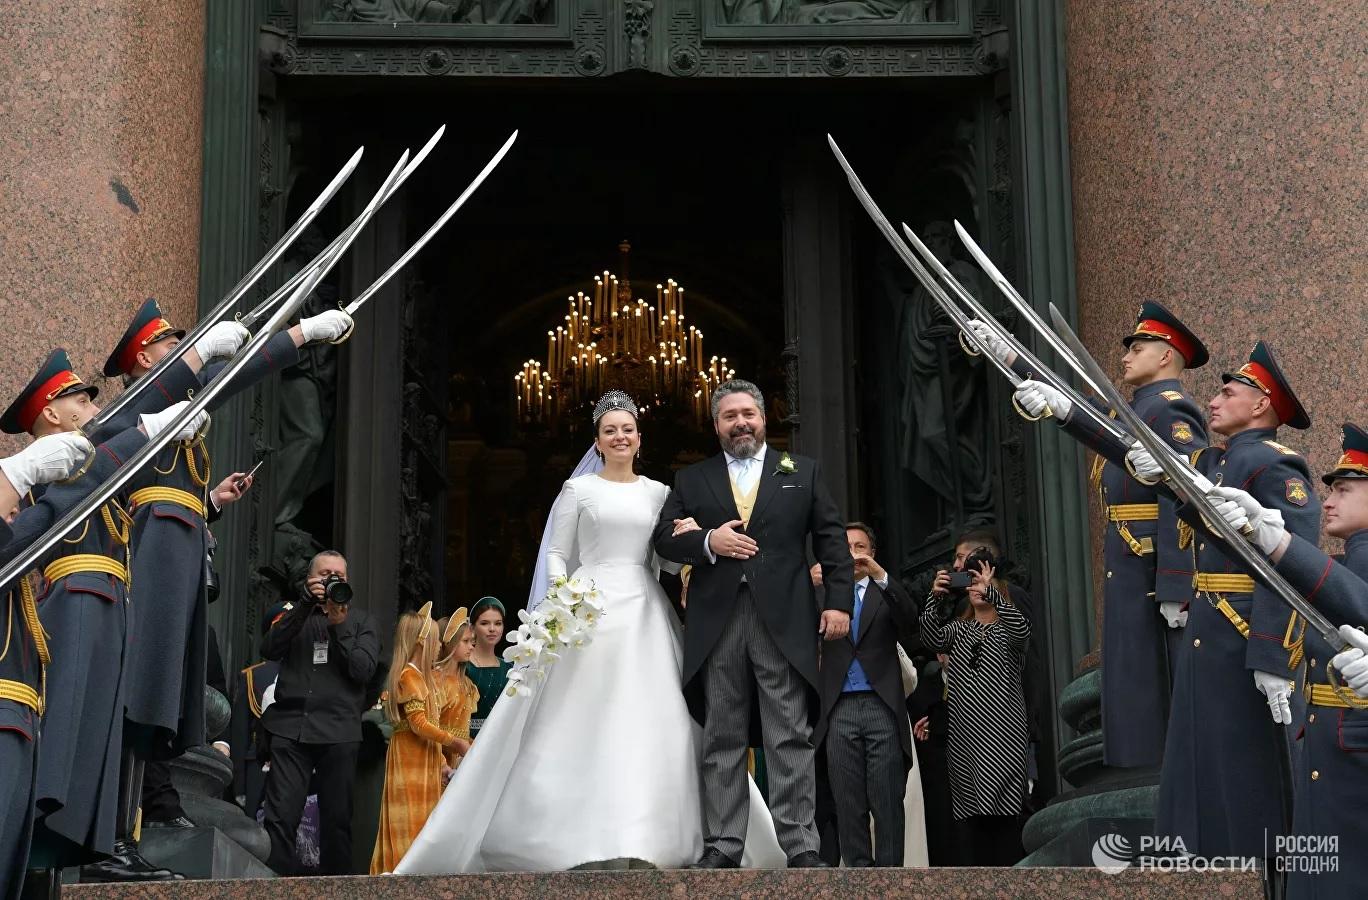 Шойгу наказал за почетный караул на венчании Романовых